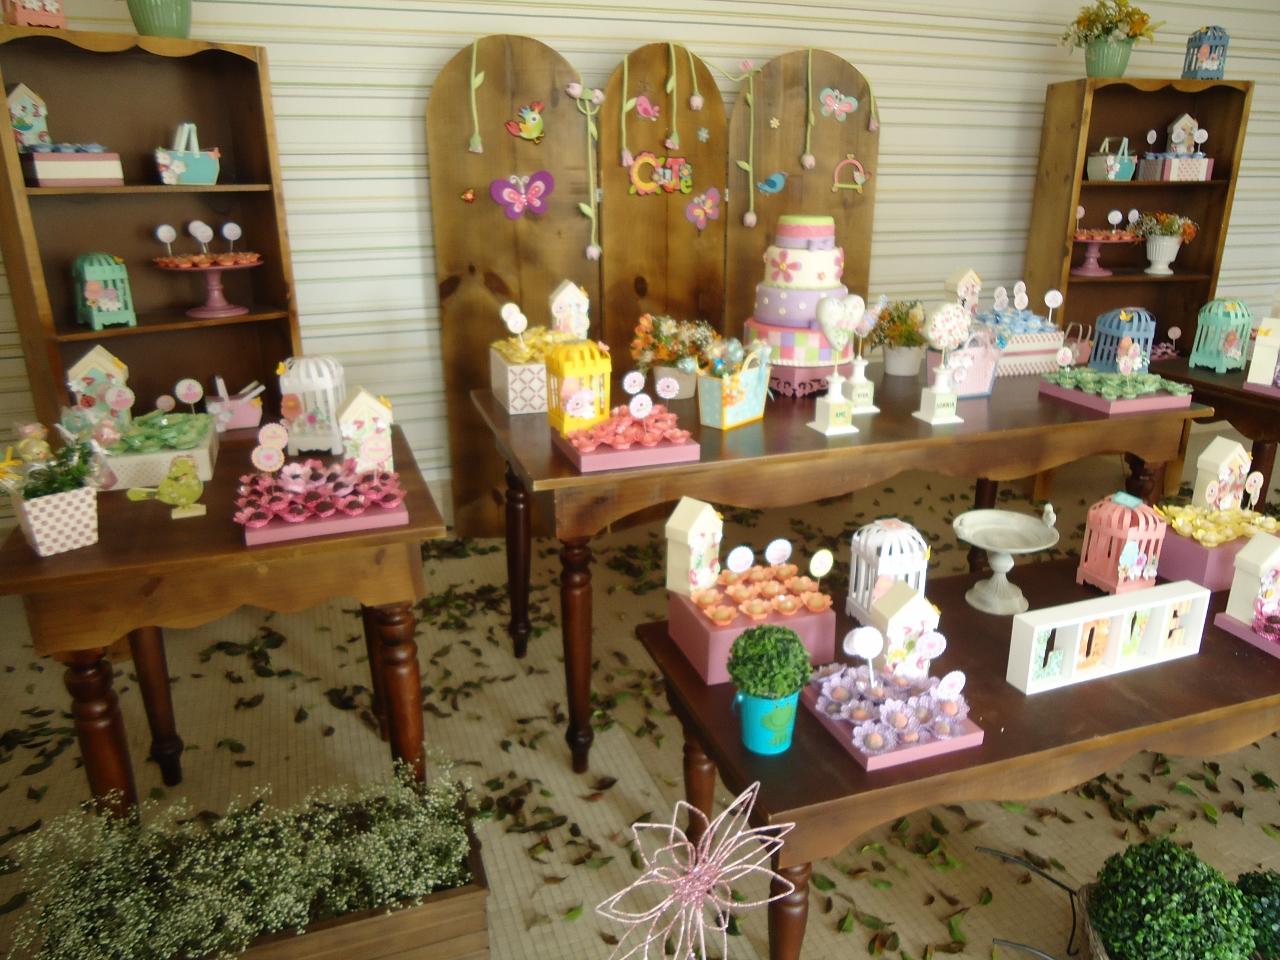 festa aniversario infantil jardim zoologico:festa-jardim-ii festa-jardim-ii-decoracao-festa-flores